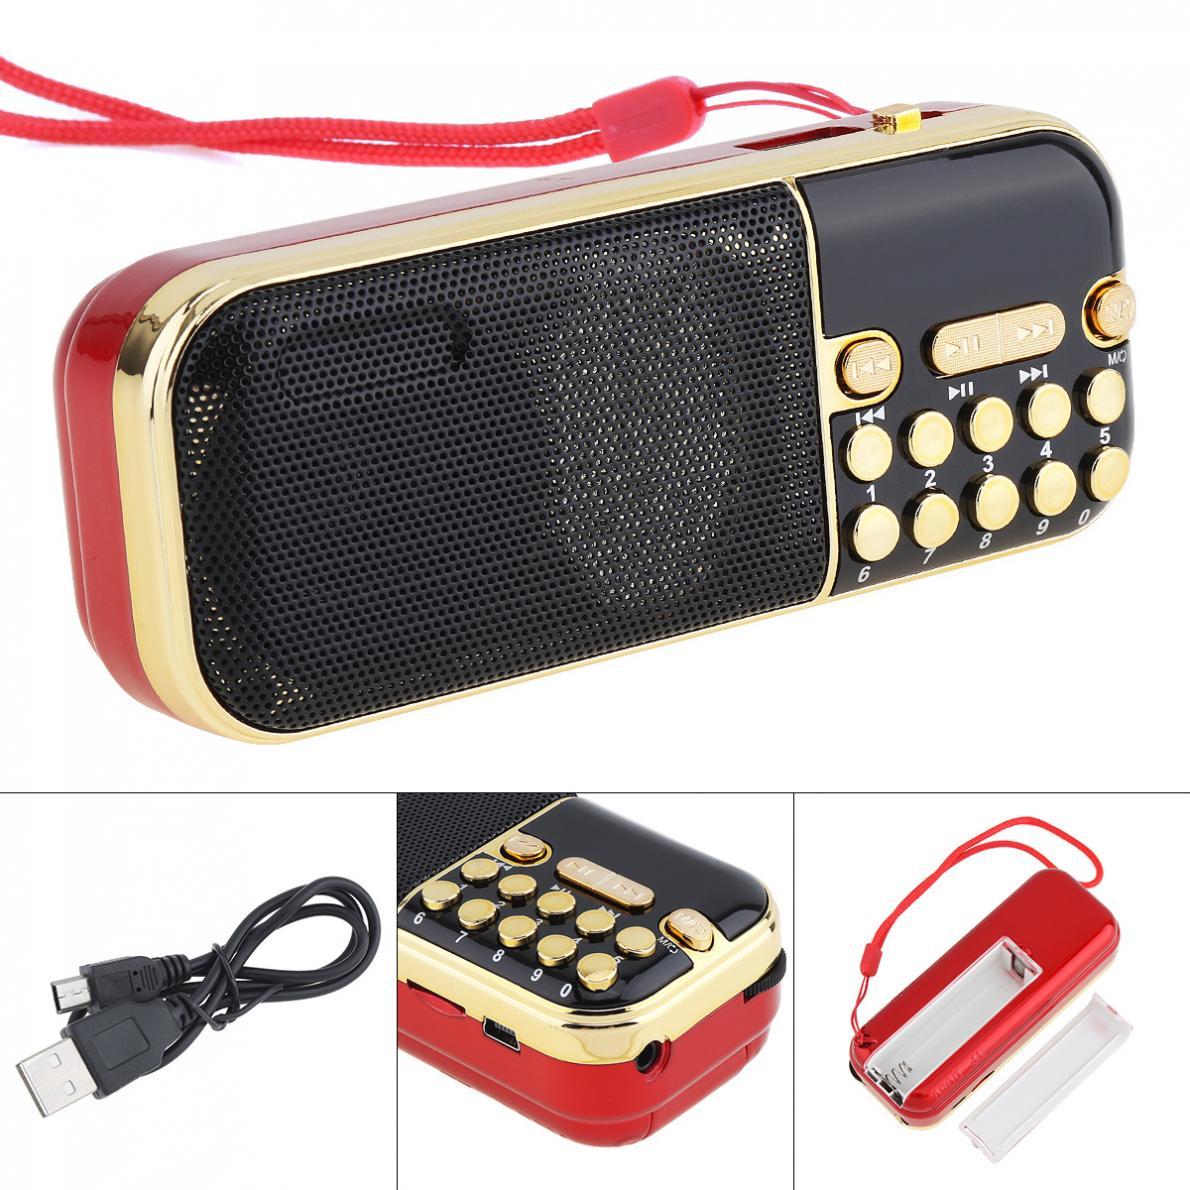 Selbstlos E57 Tragbare Radio Mini Audio Karte Lautsprecher Fm Radio Mit 3,5mm Kopfhörer Jack Für Hause Im Freien Radio